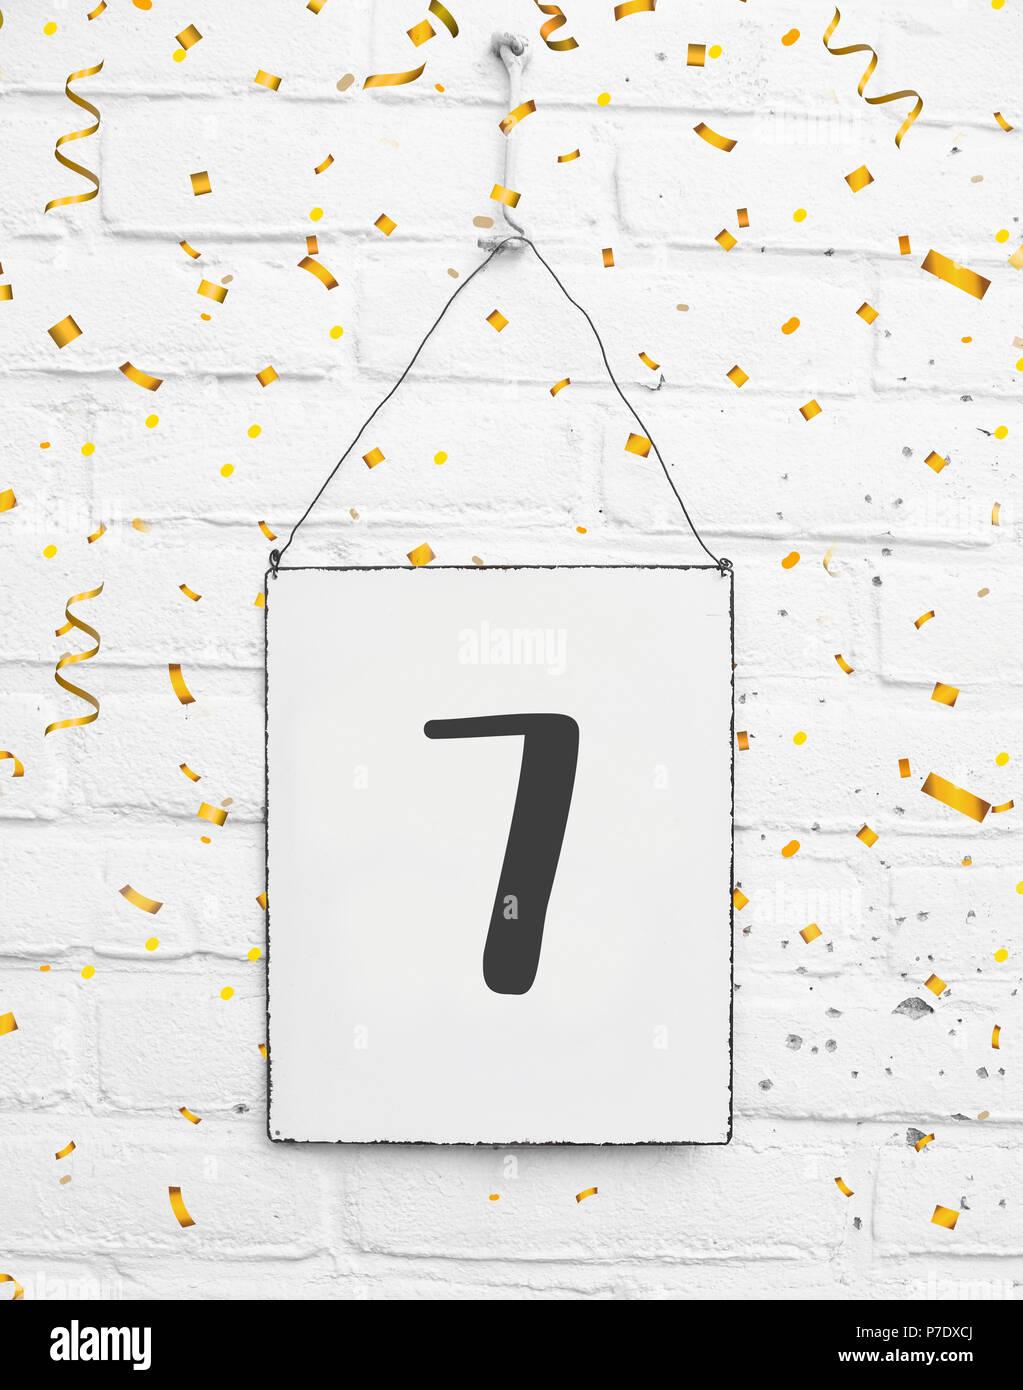 7 años fiesta de cumpleaños tarjeta golden confeti de texto con el número 7. Imagen De Stock